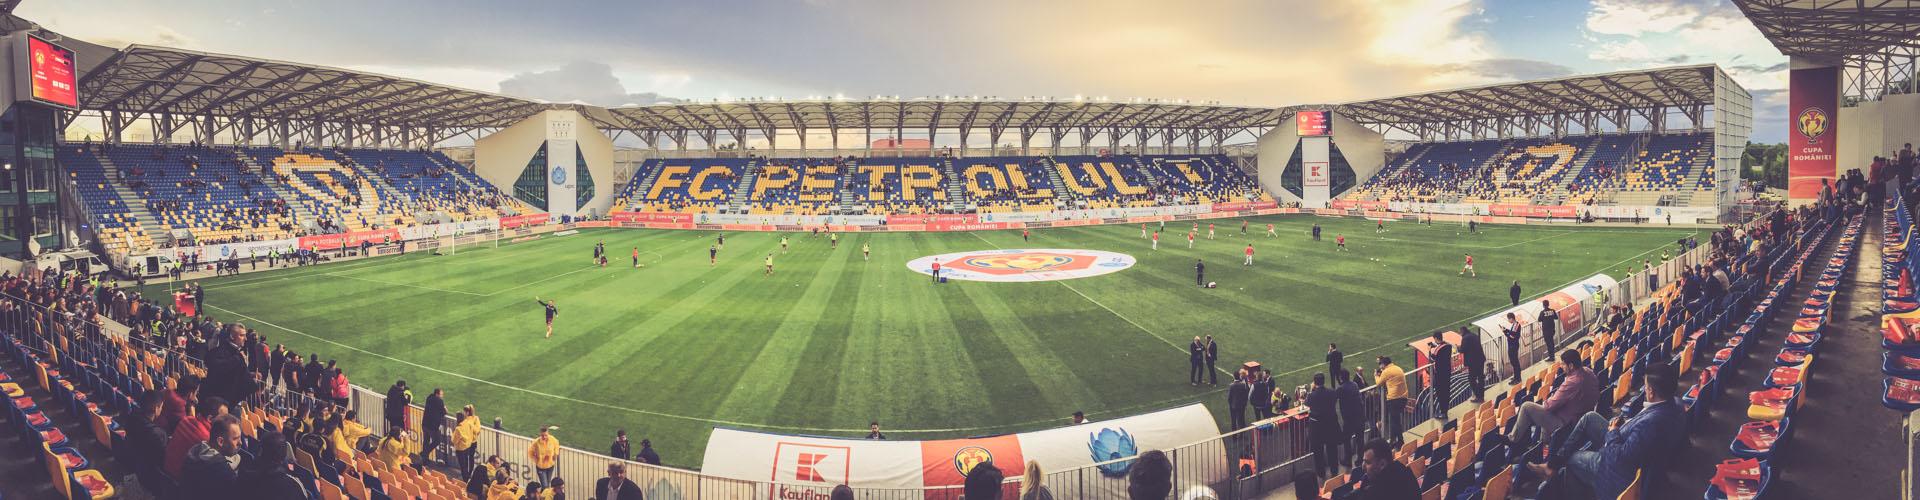 Stadion Ilie Oana, Ploiesti - Panorama